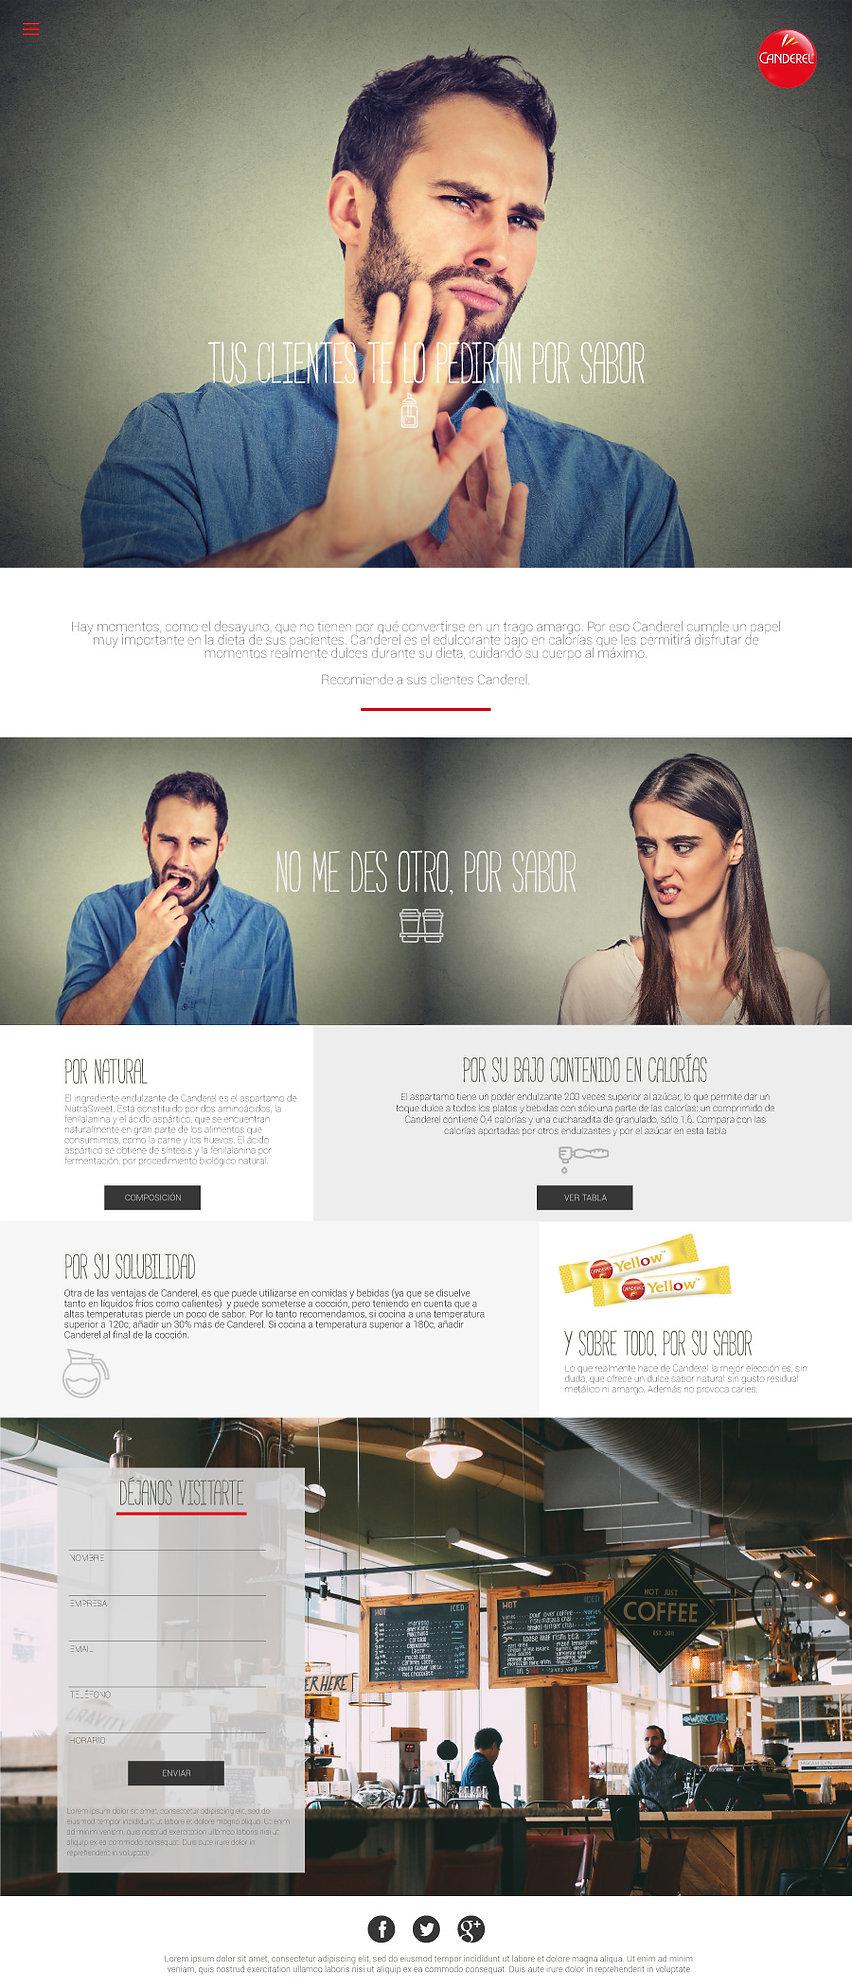 Raul sauz Publicidad Creativo Freelance Madrid Diseño web Canderel